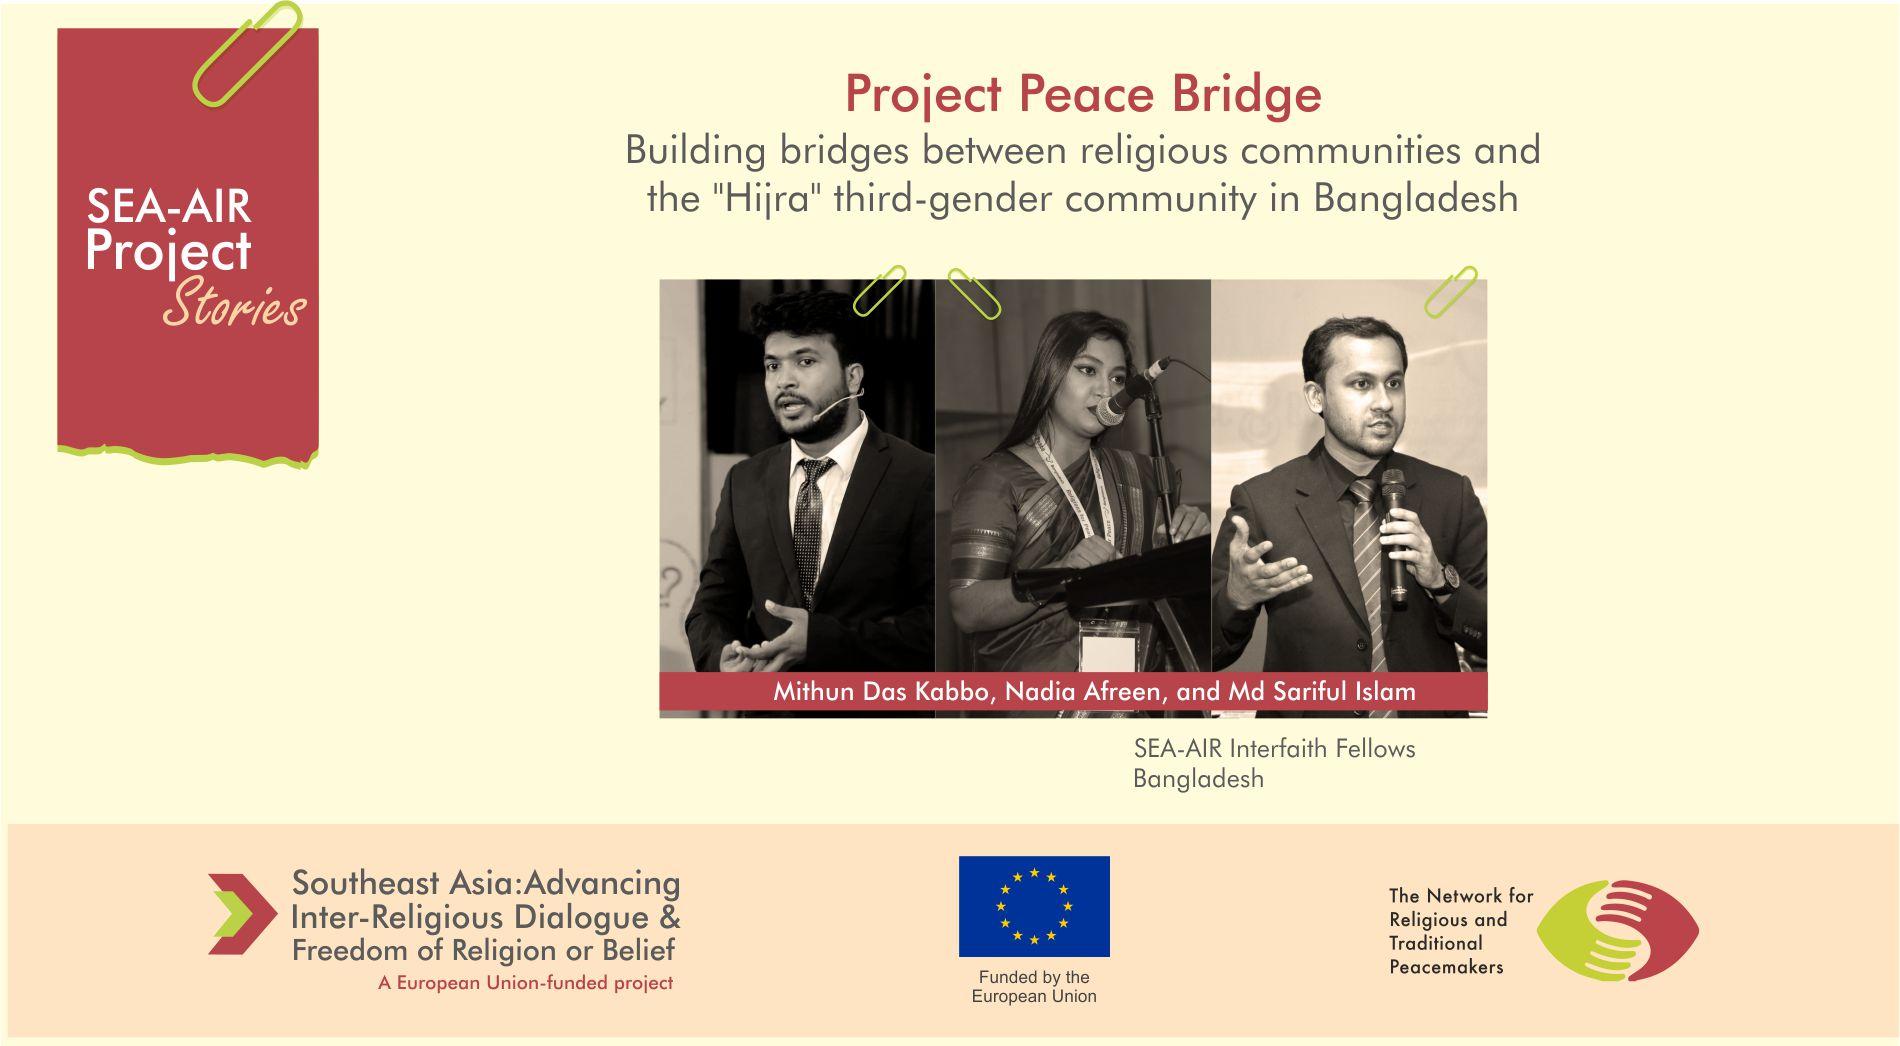 Project Peace Bridge